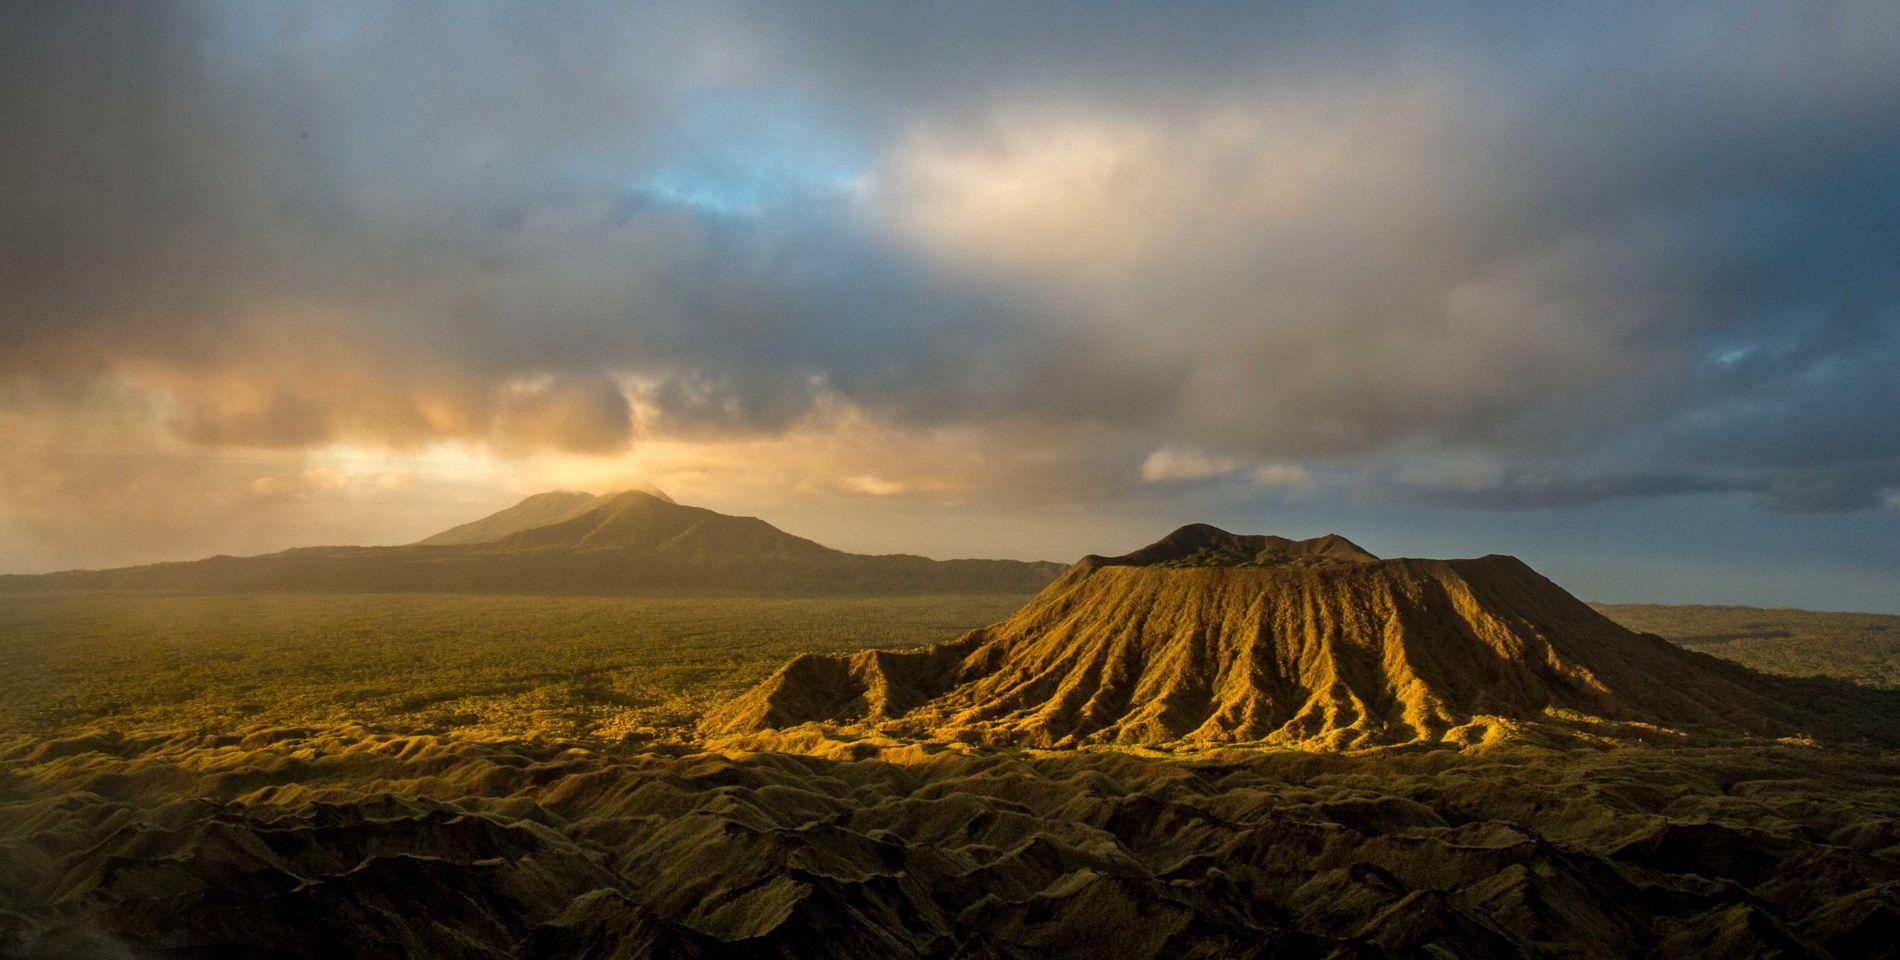 Ein Vulkan auf Vanuatu im Sonnenuntergang: Das Motiv ist eines der Lieblingsbilder von Fotografin Ulla Lohmann.